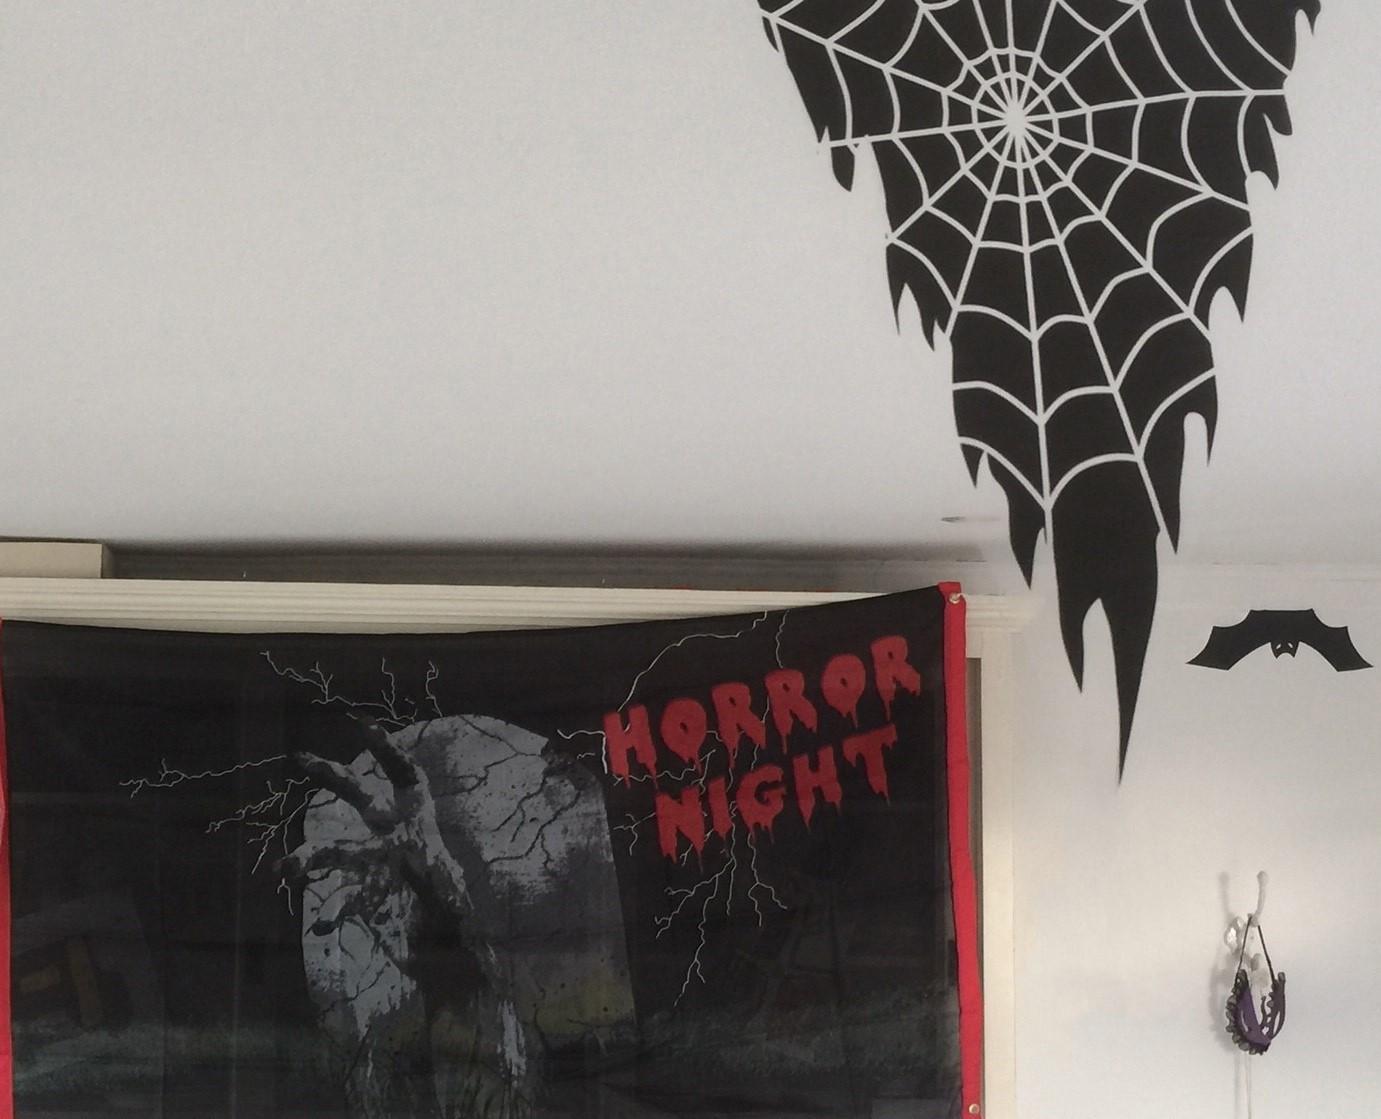 Horror Night banner binnen opgehangen tip